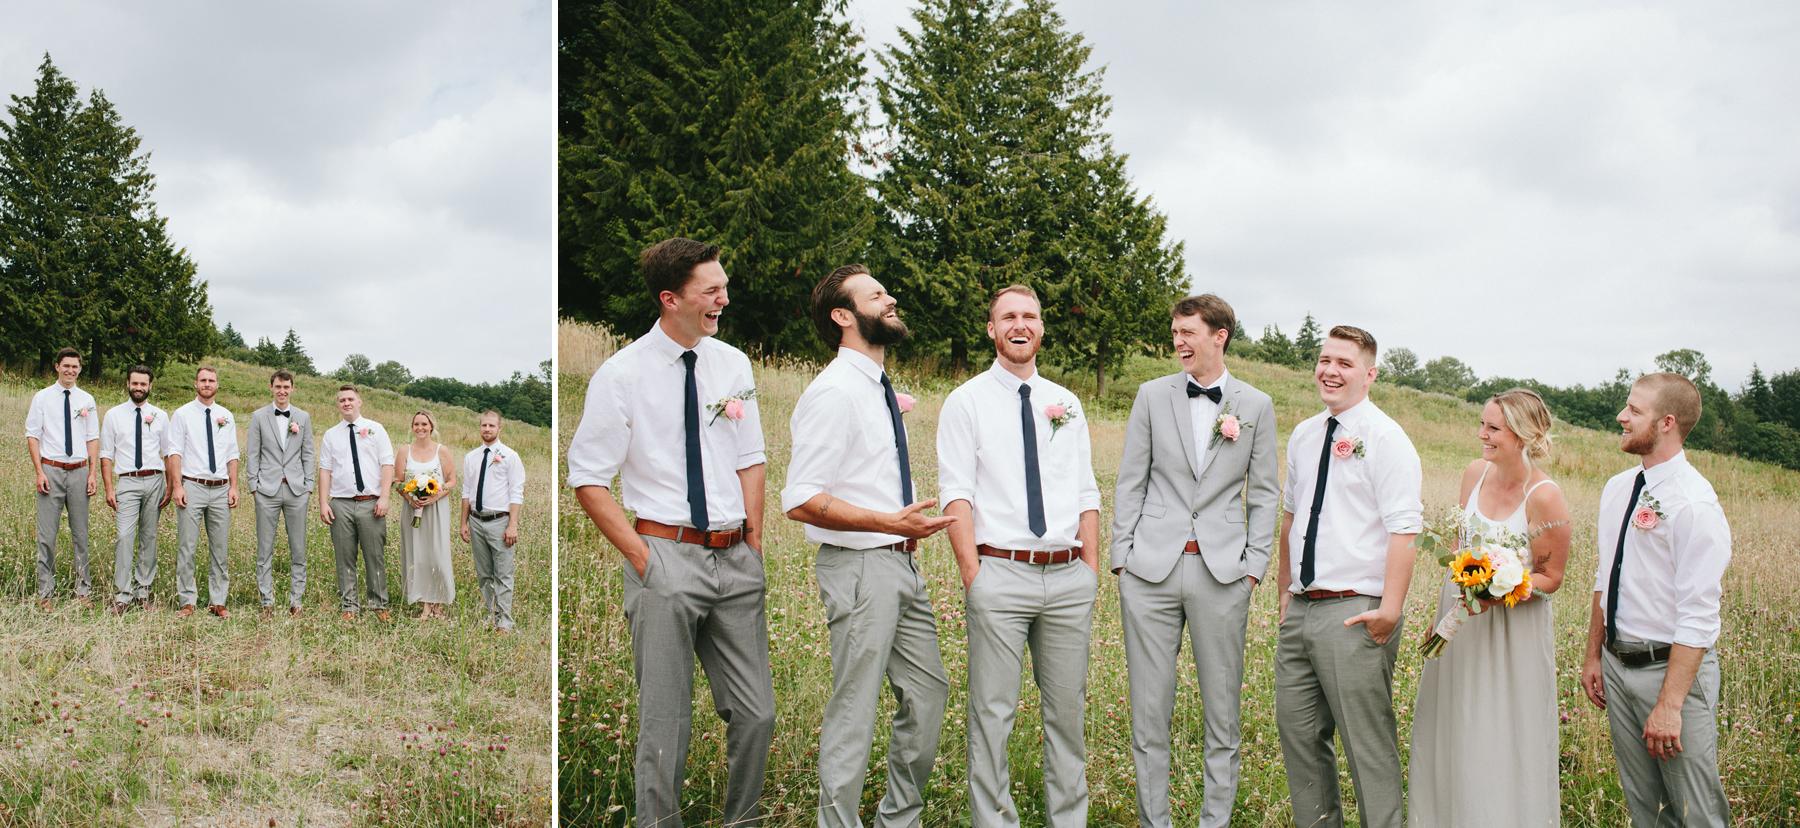 Vancouver-Rustic-Farm-Wedding-KB-056.jpg